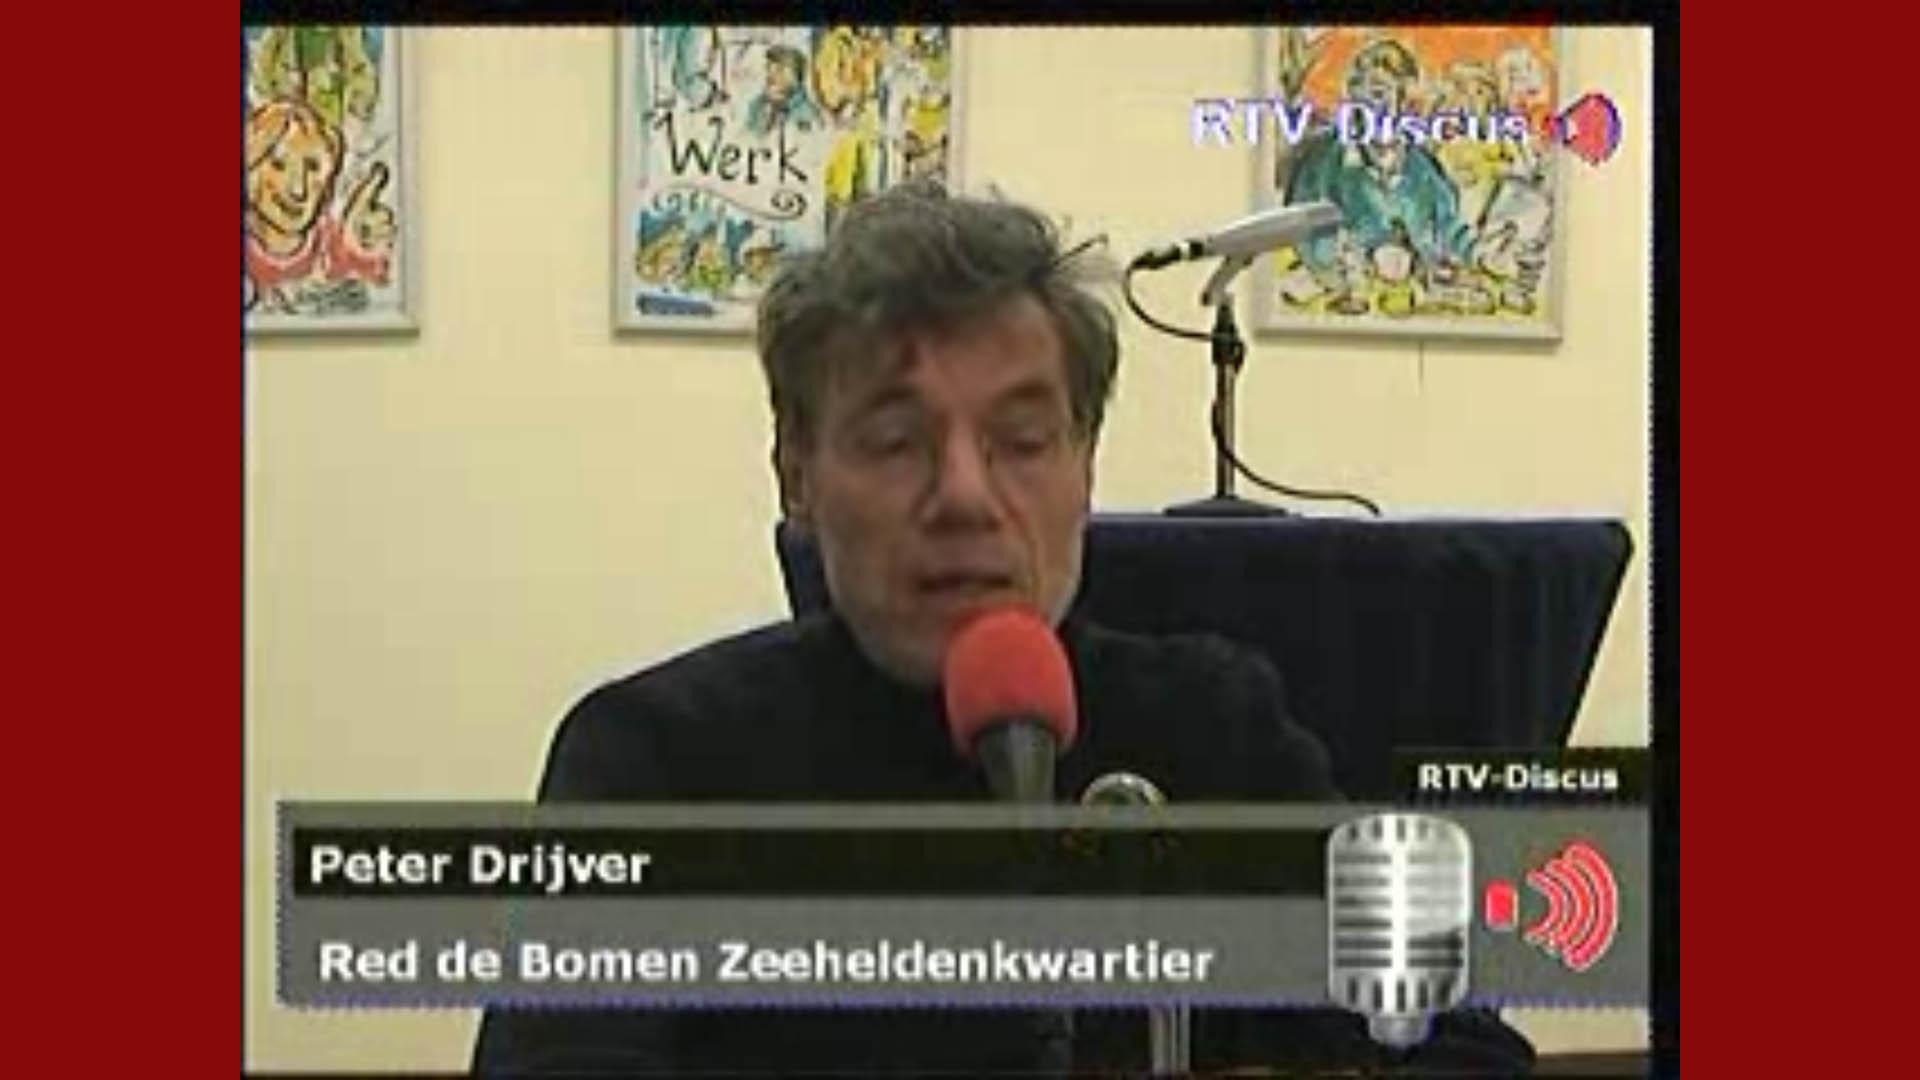 Peter Drijfer bij RTV-Discus